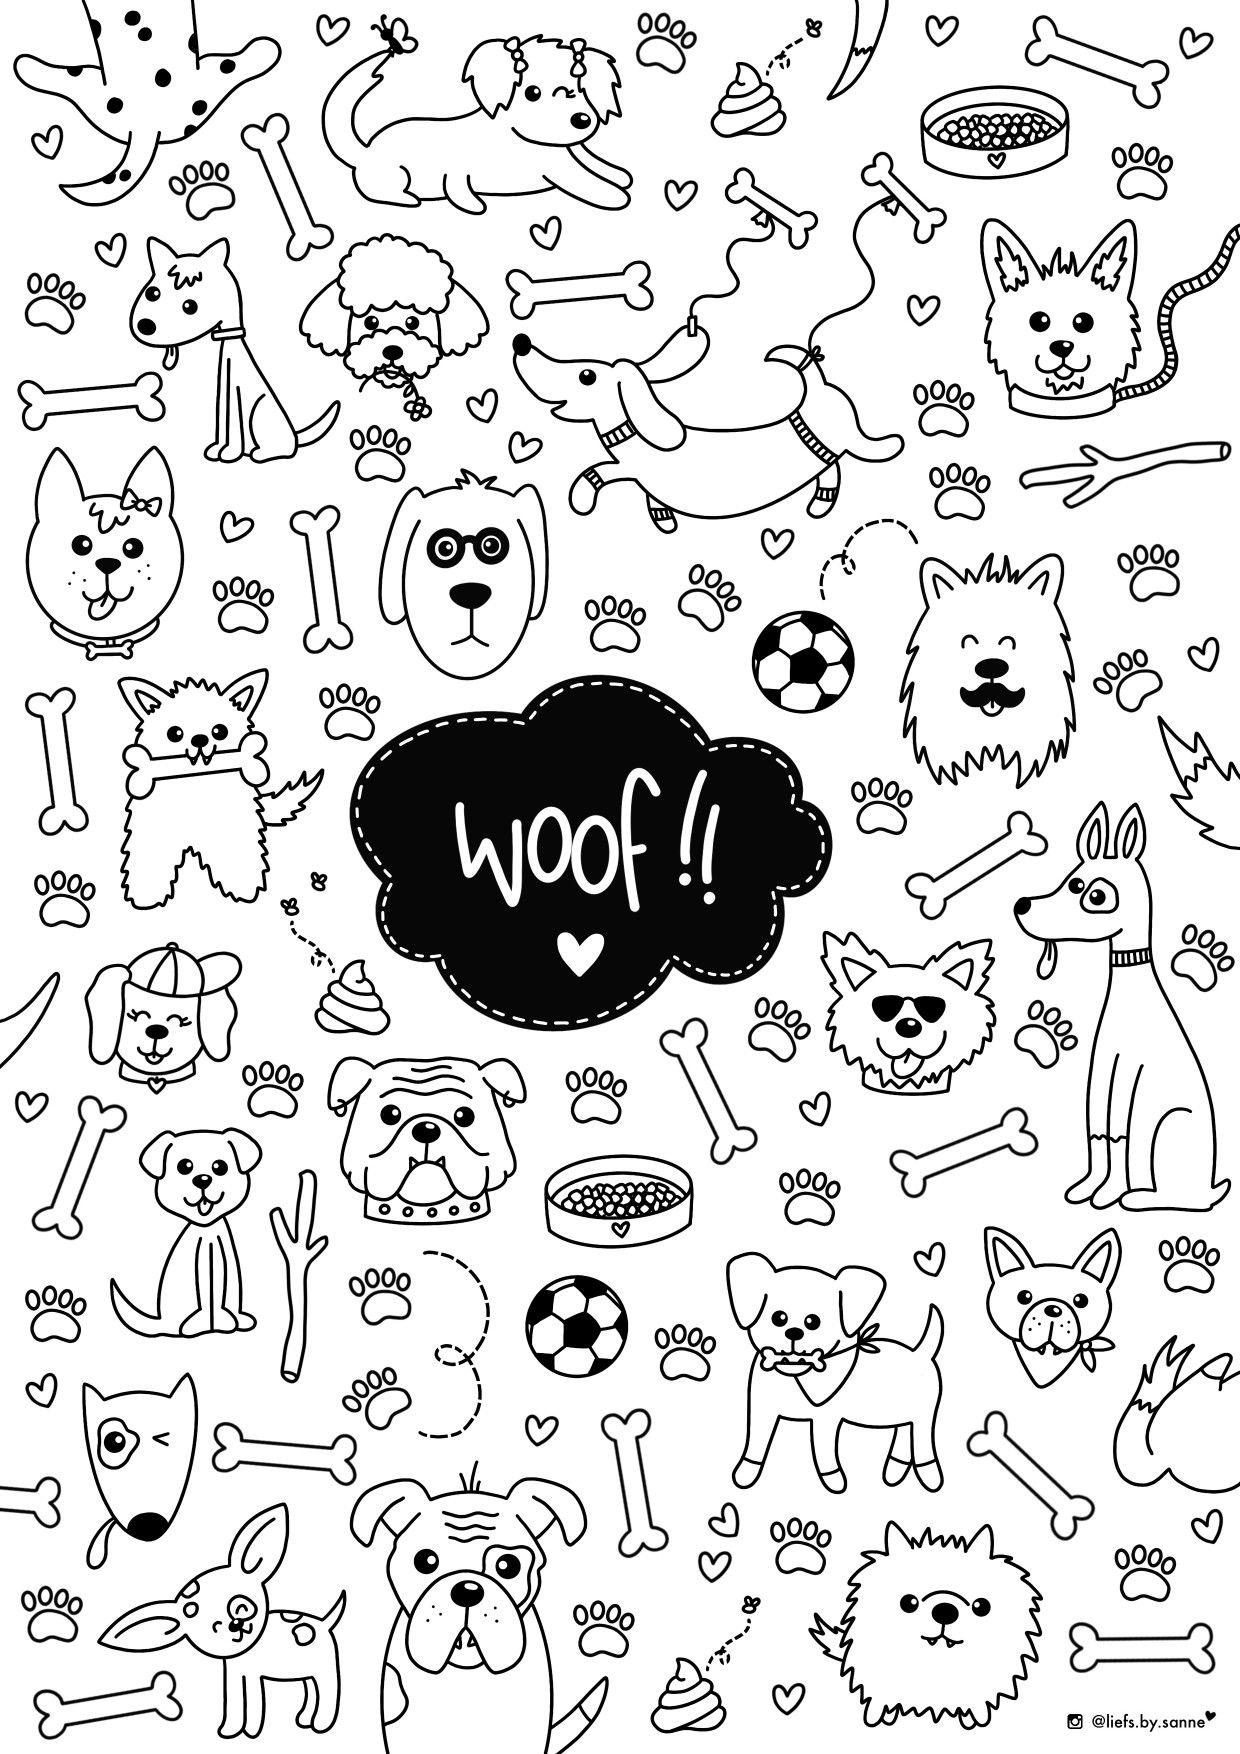 Honden Hond Dog Dogs Kleurplaat Coloring Page Kleurplaten Dieren Huisdieren